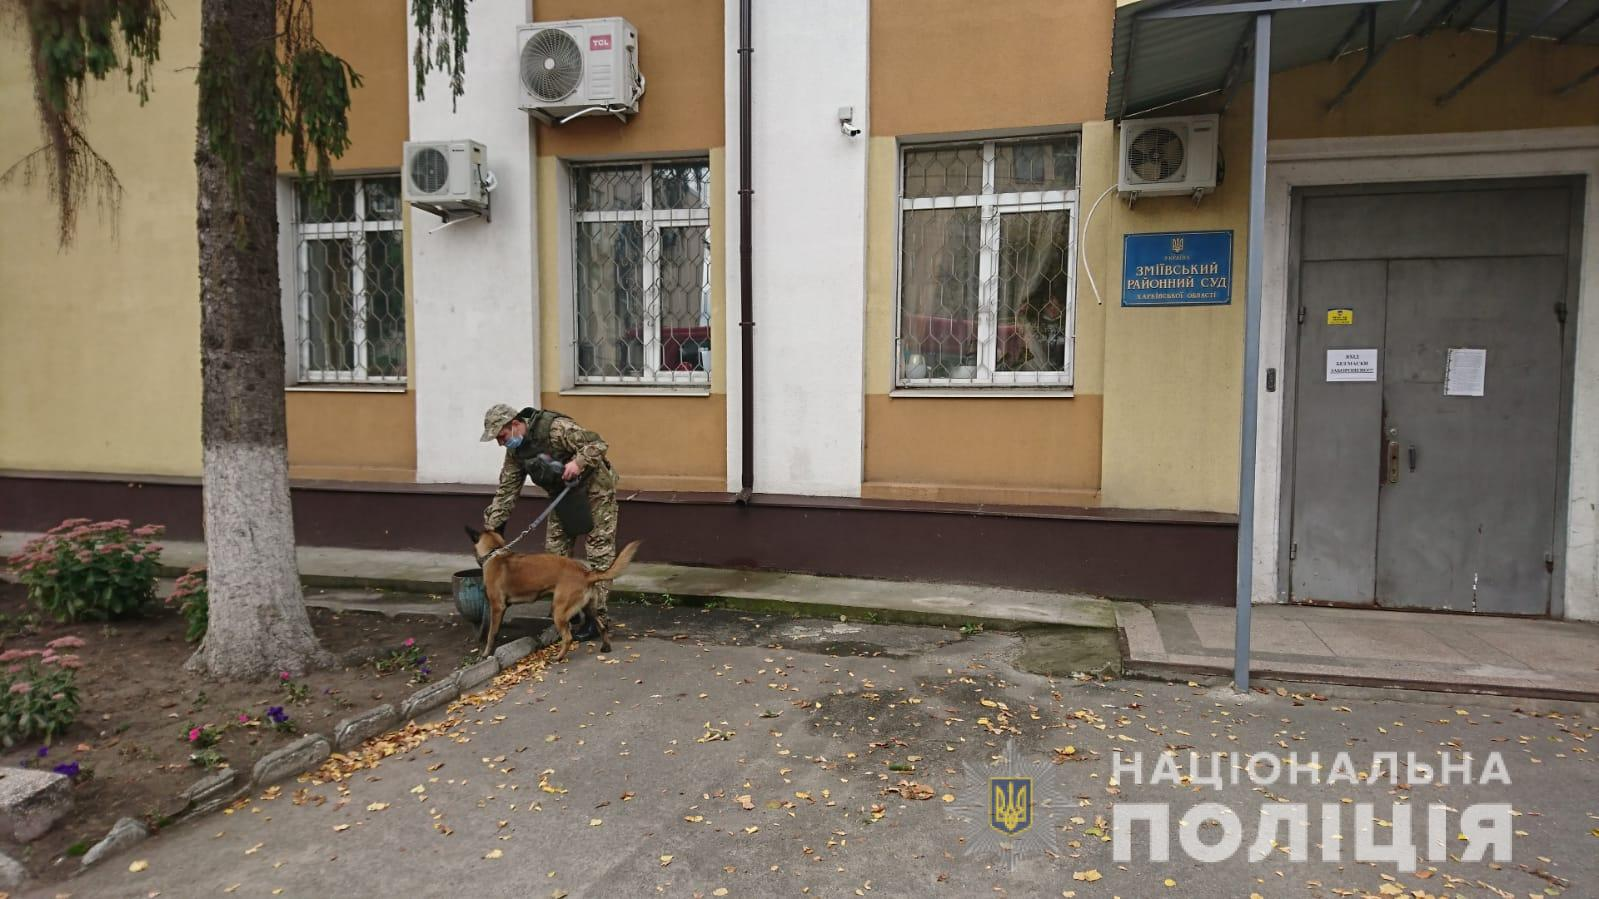 В Харьковской области задержали псевдоминера (фото)